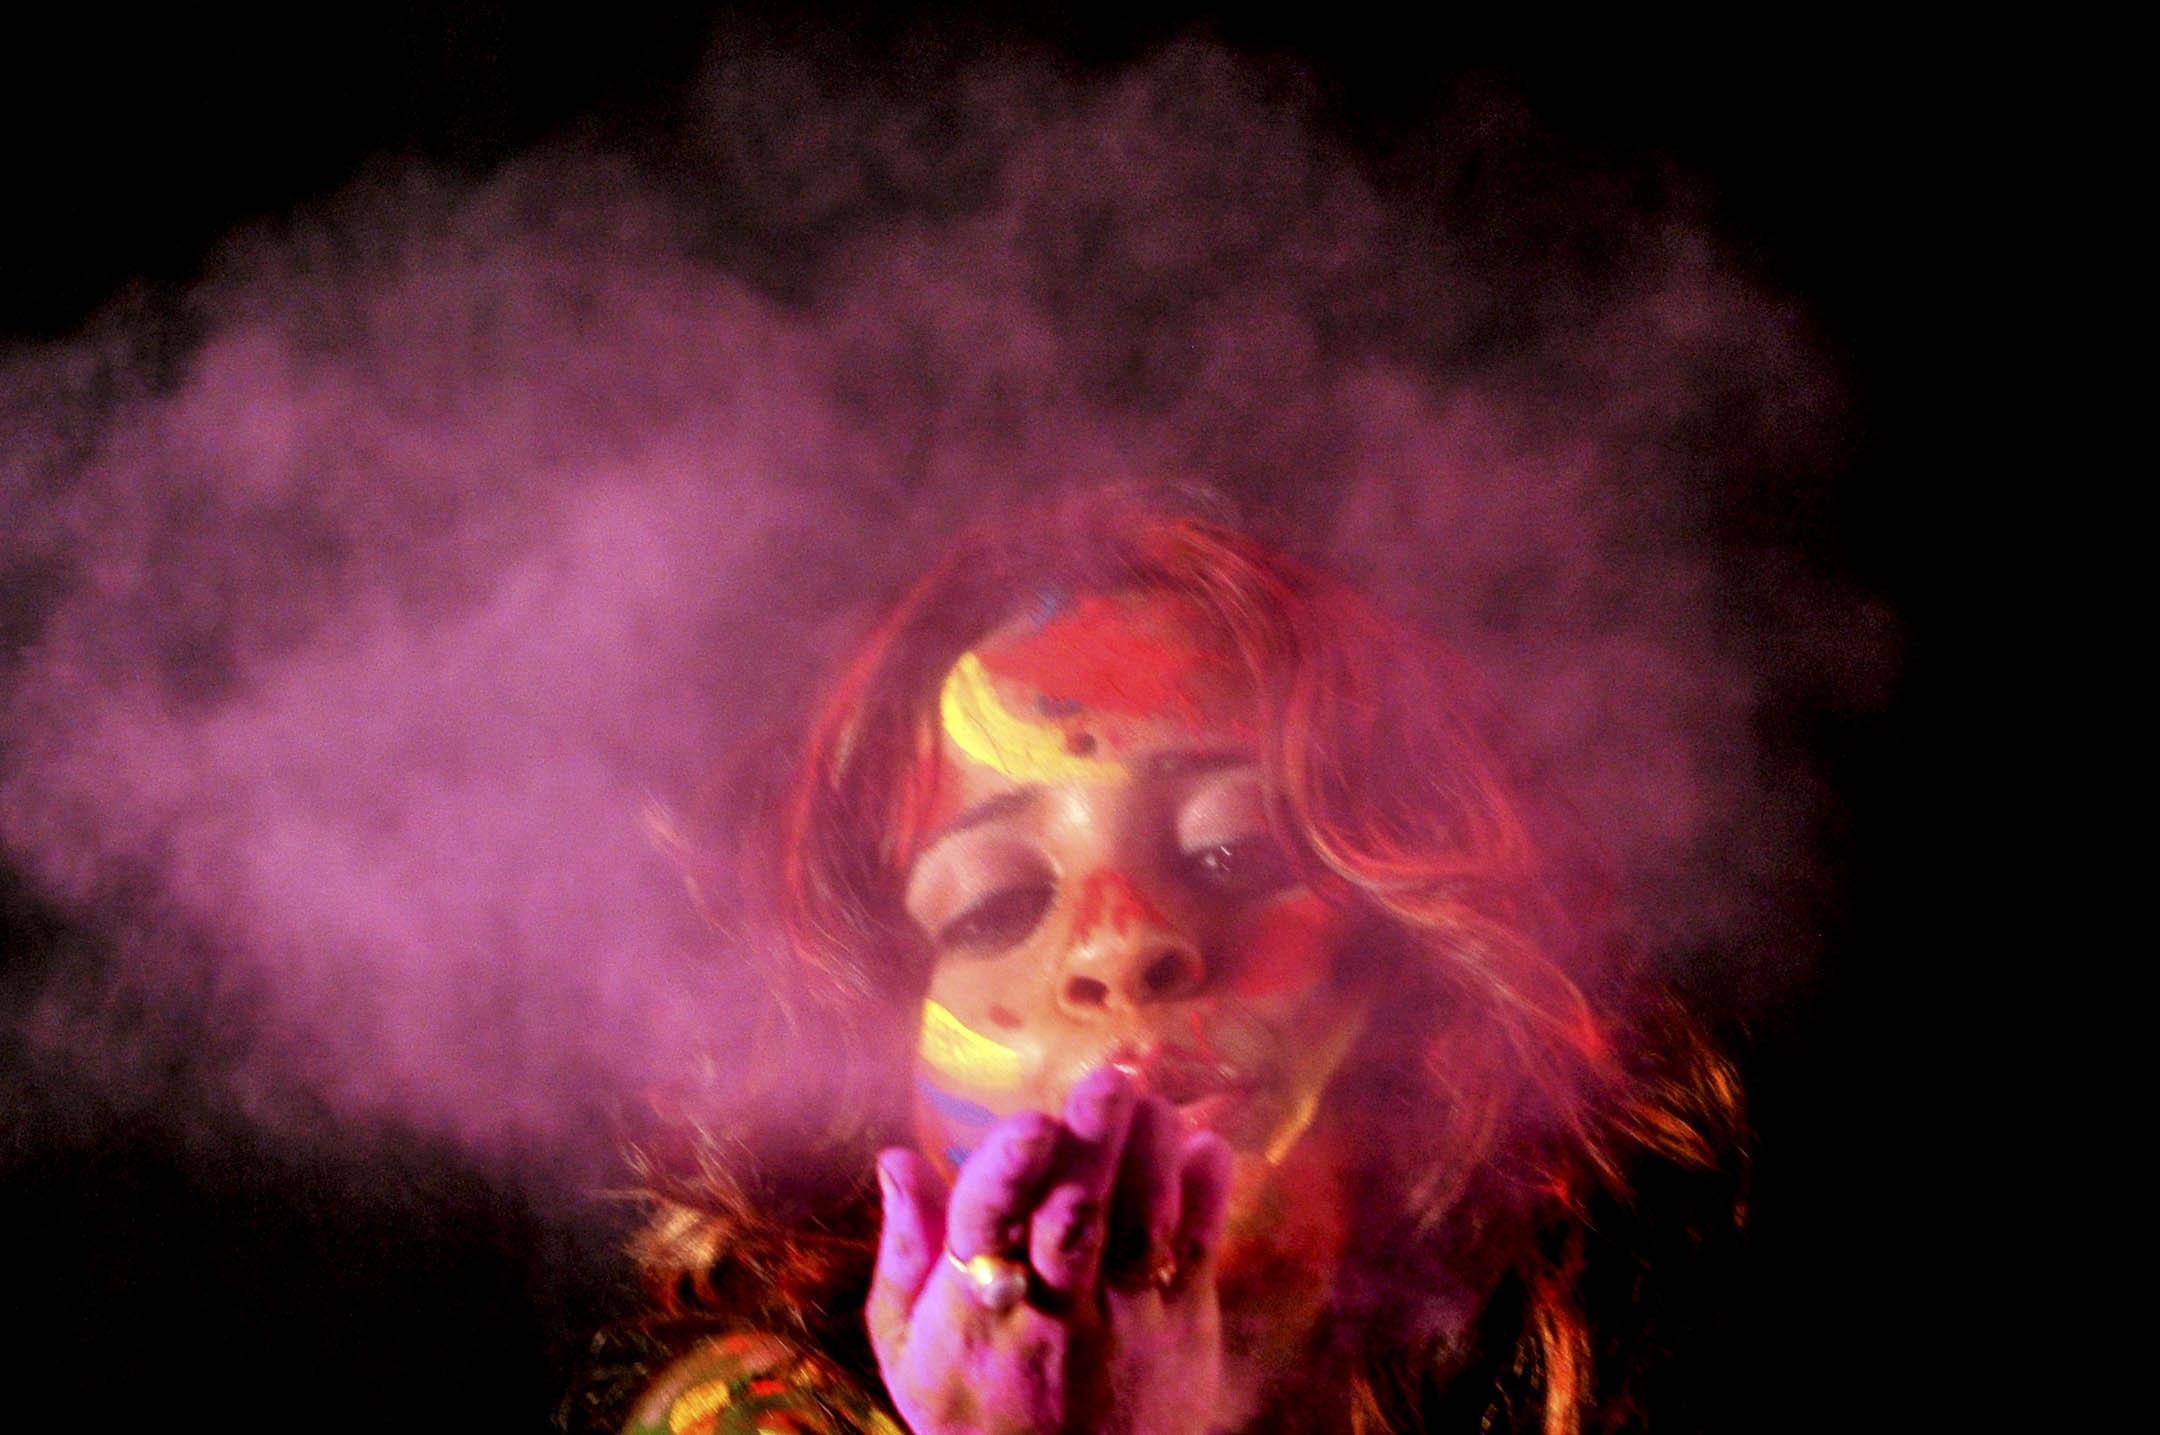 2018年2月27日,印度有「寡婦之城」之稱的城鎮溫達文,一名女子於印度教節日胡里節(Holi)節慶活動中與其他參加者互相扔顏色粉,跳舞慶祝。